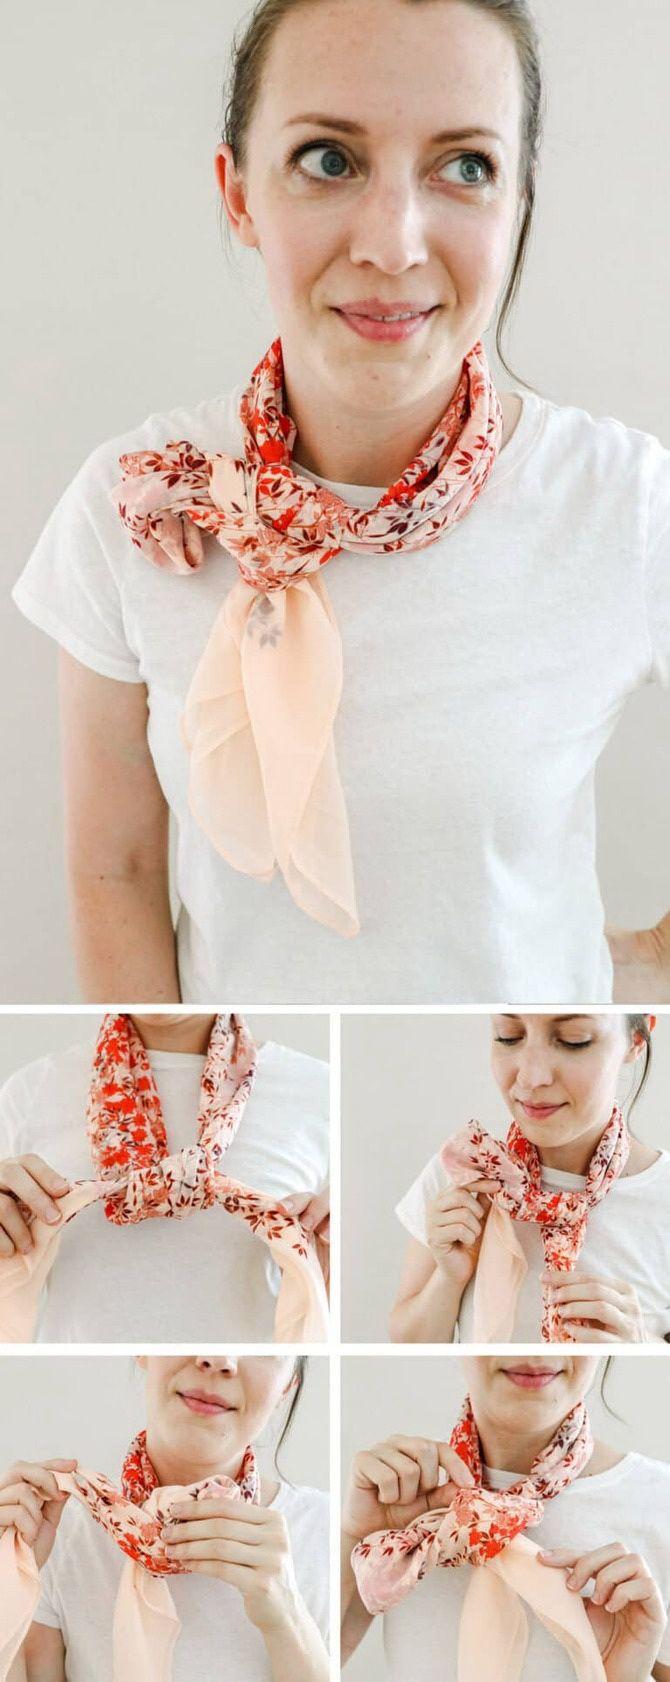 Як гарно зав'язати шарф: 19 найкращих способів 16